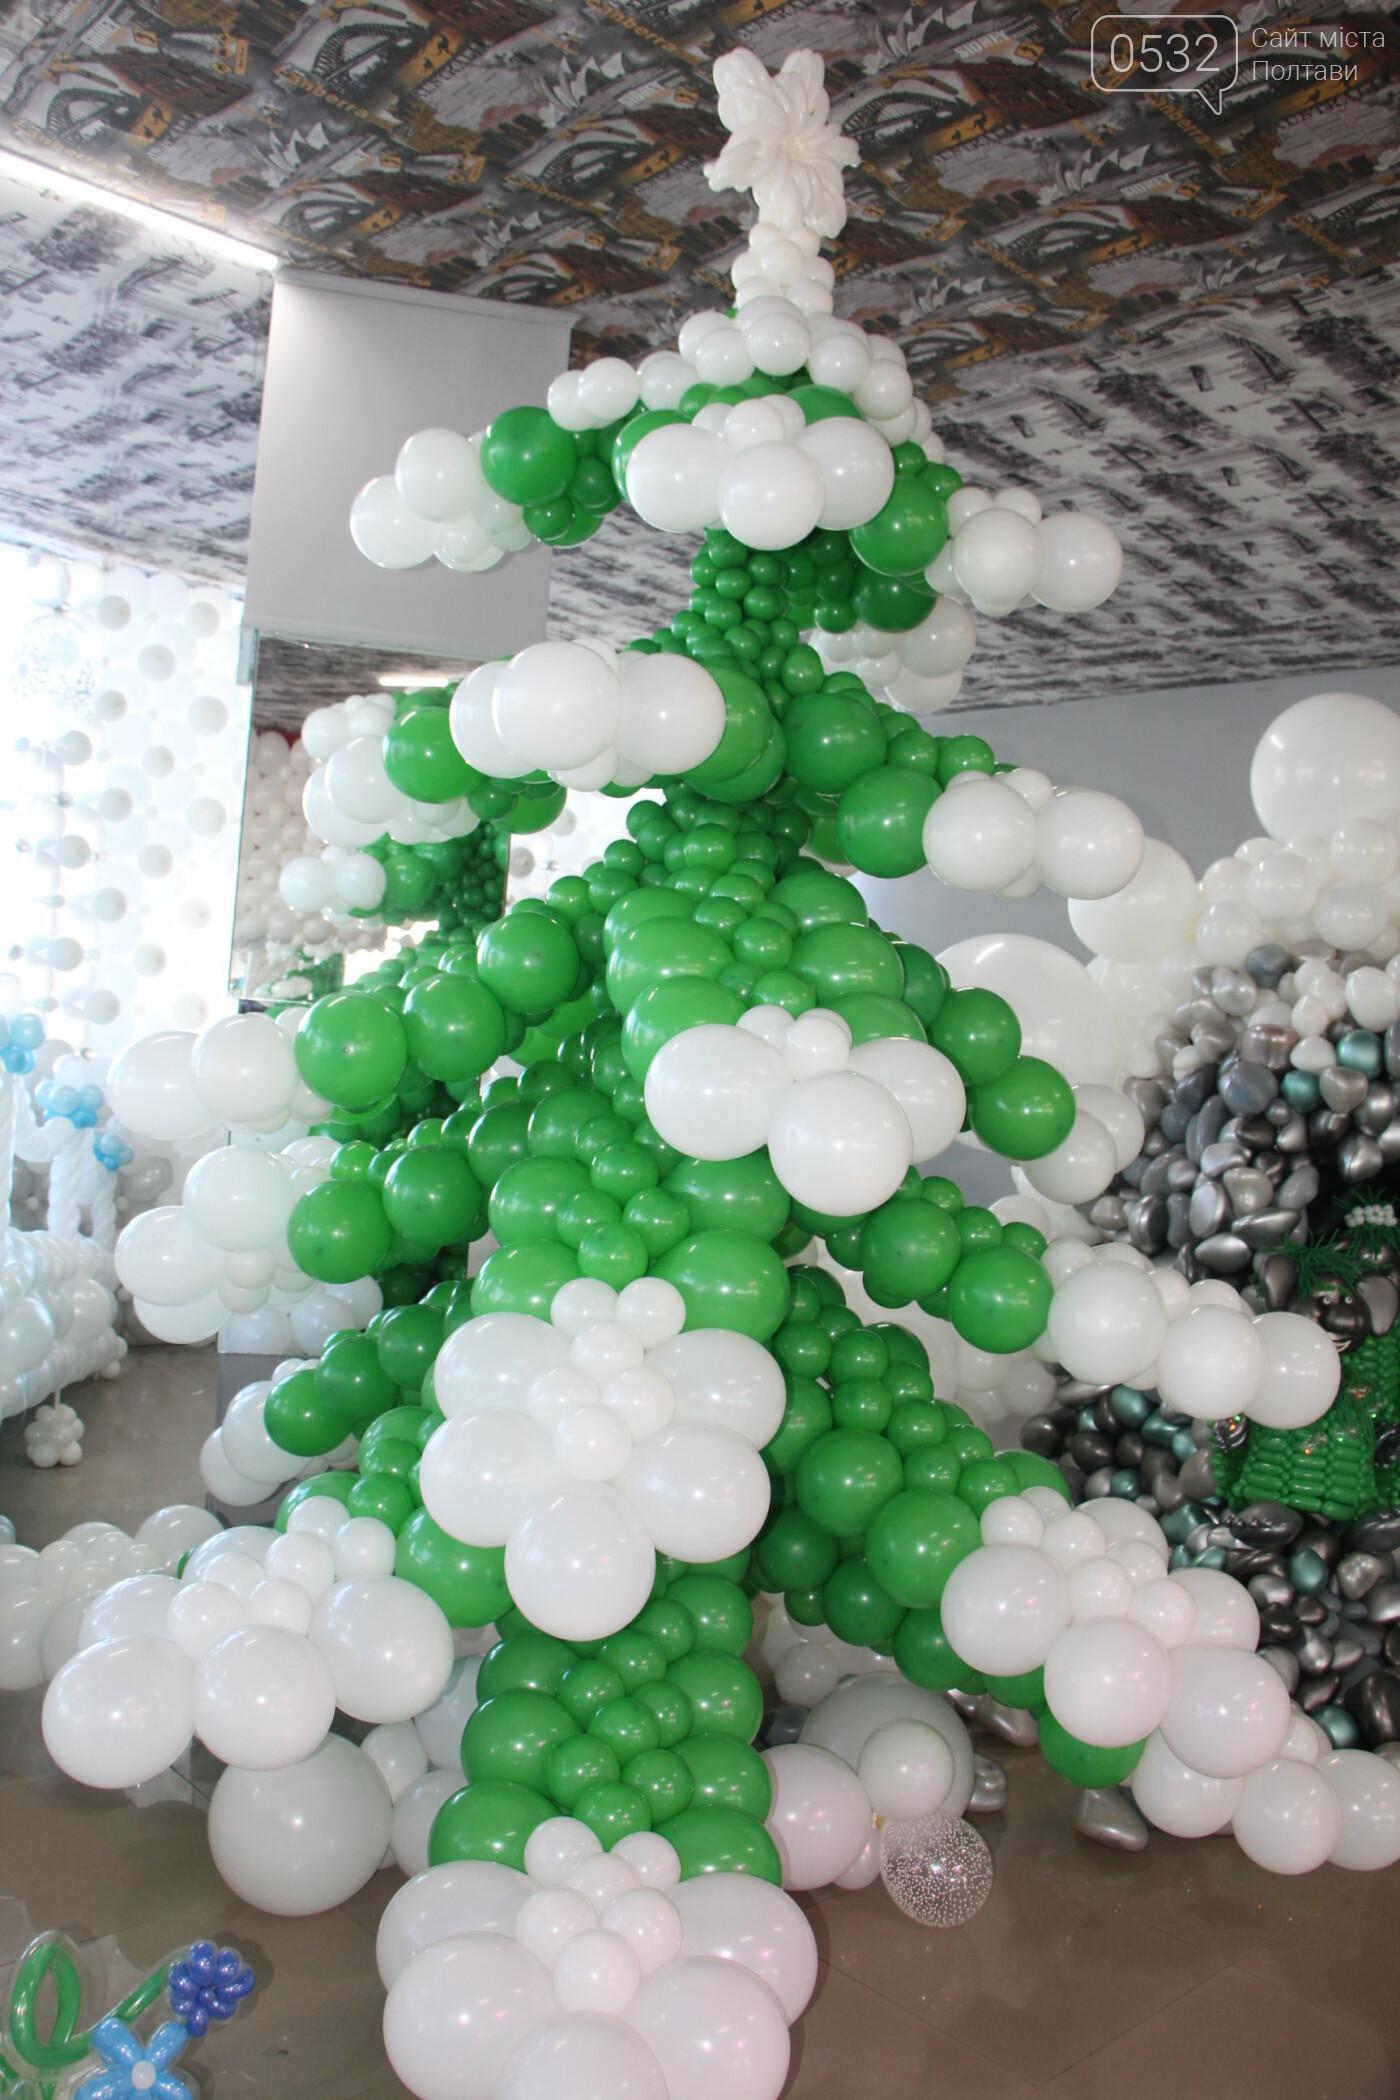 У Полтаві для дітей влаштували «Зимову казку» з повітряних кульок (ФОТО), фото-8